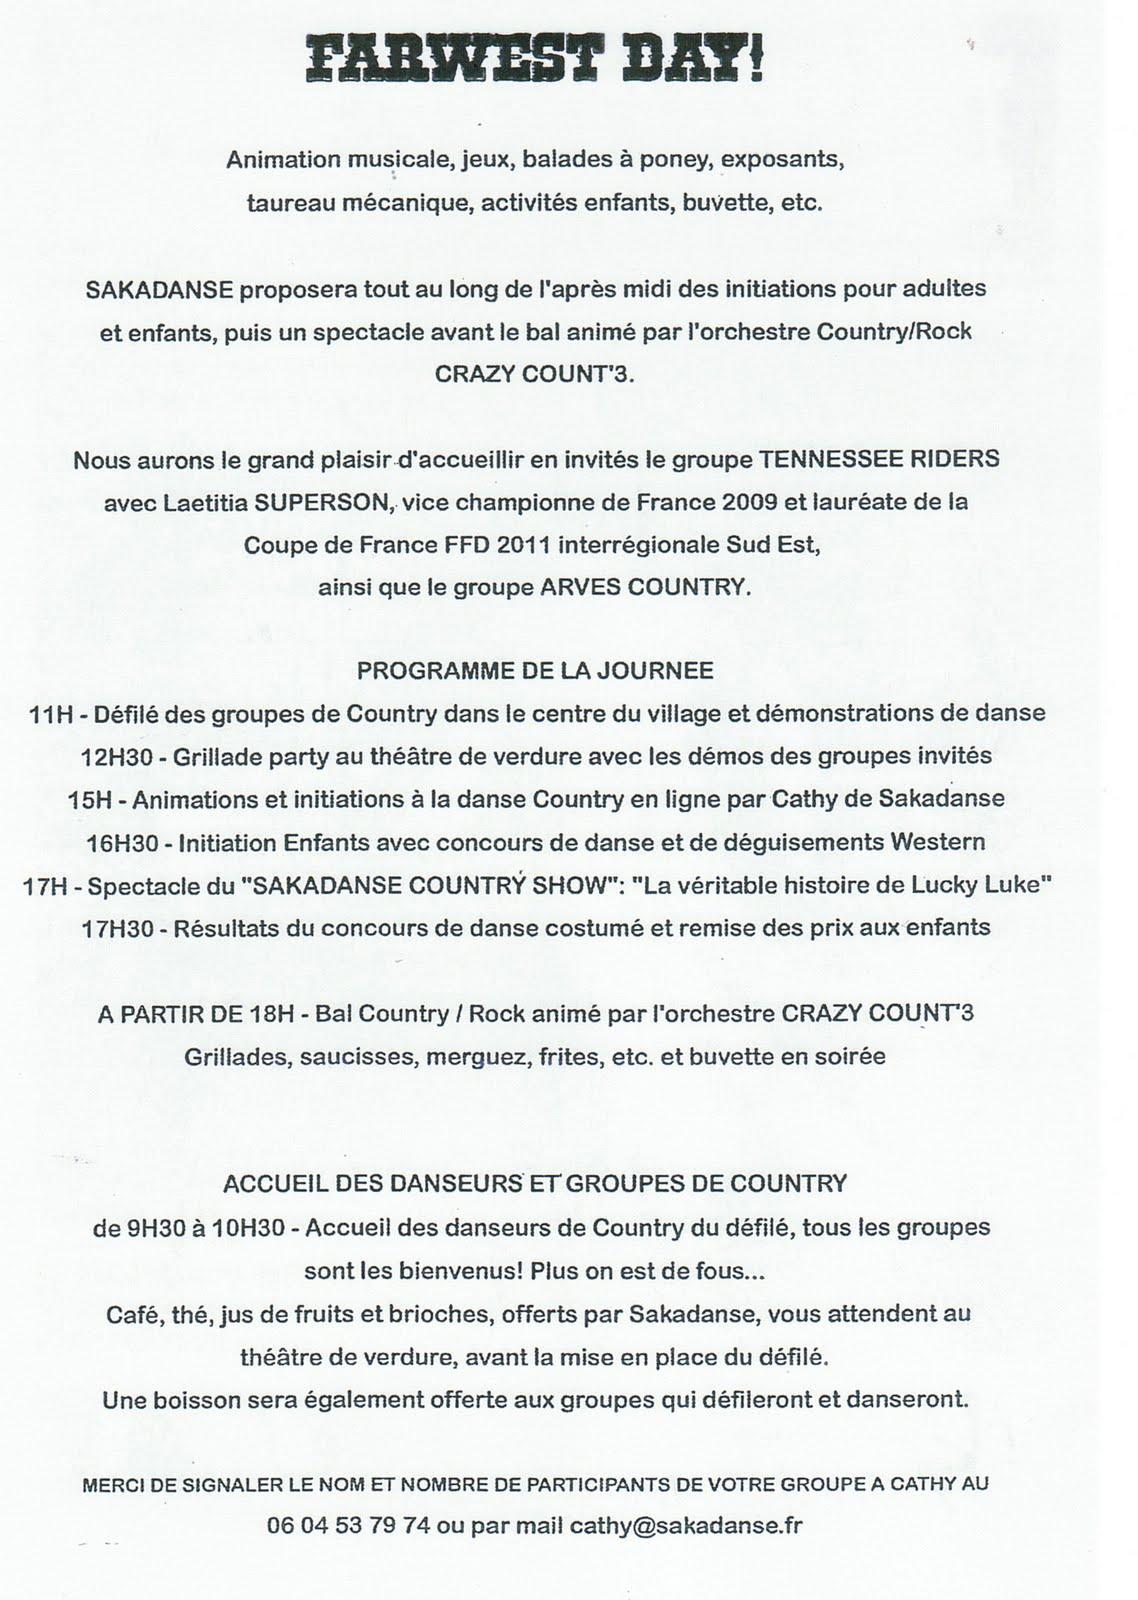 News de l 39 office de tourisme bourg d 39 oisans farwest day bourg d 39 oisans aux couleurs de la - Bourg d oisans office tourisme ...